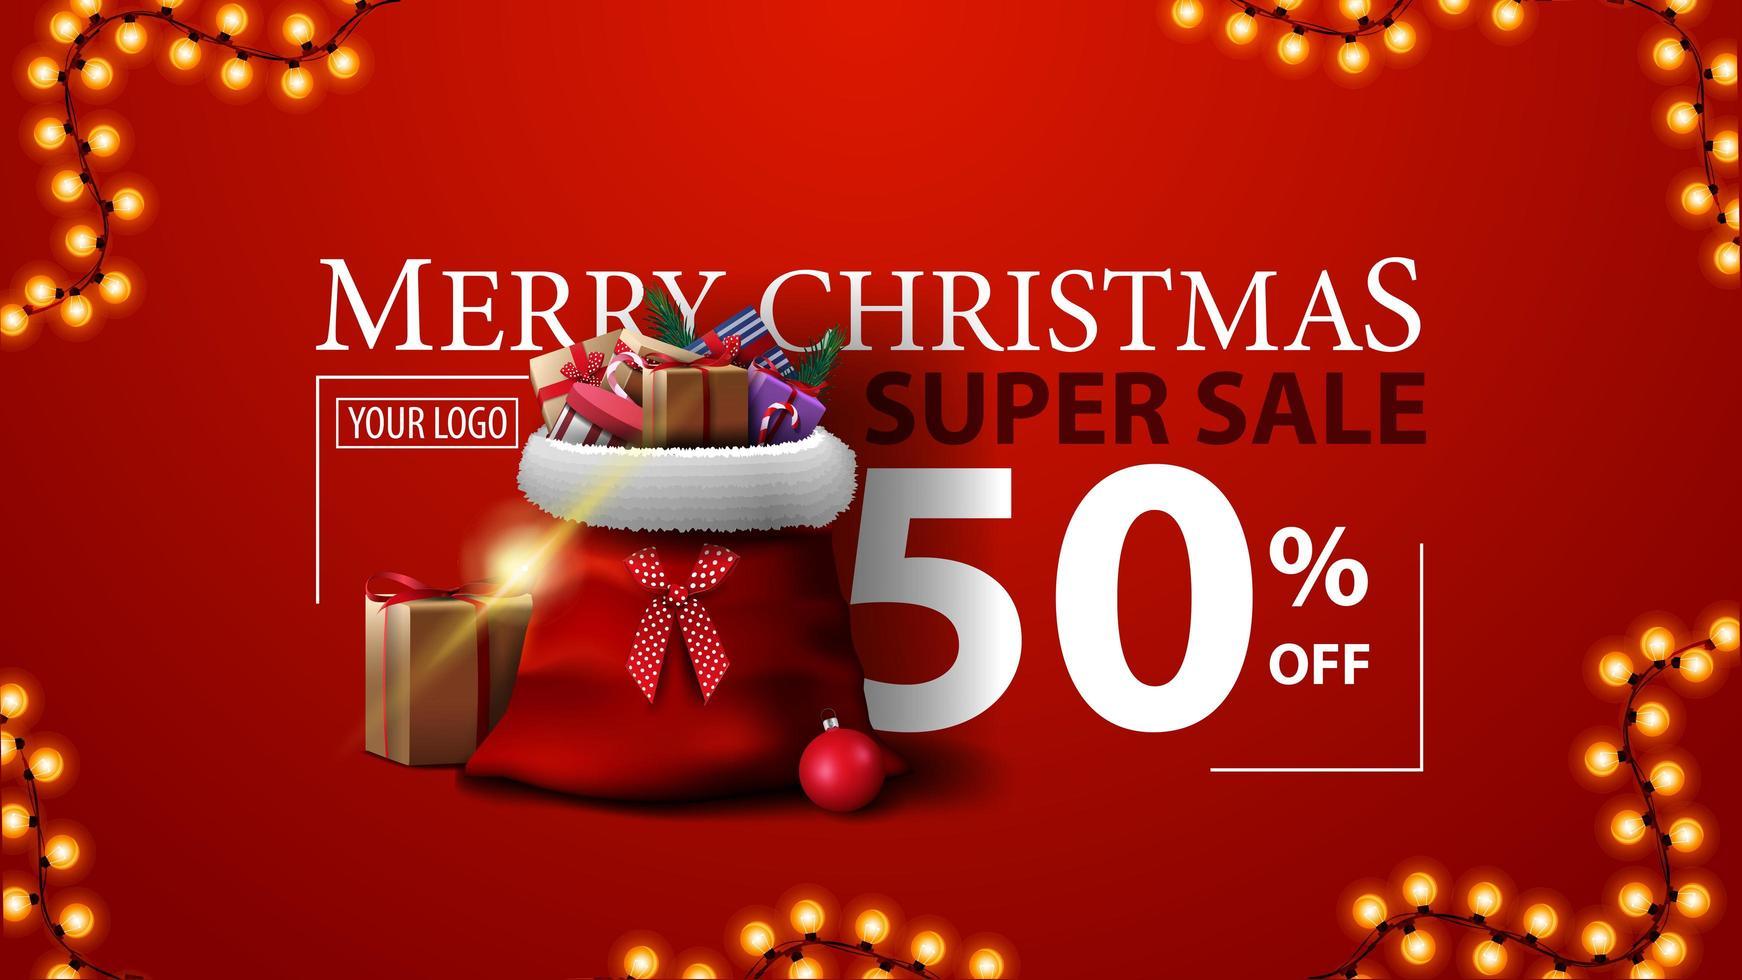 kerst super verkoop, tot 50 korting, rode moderne kortingsbanner met kerstman tas met geschenken vector